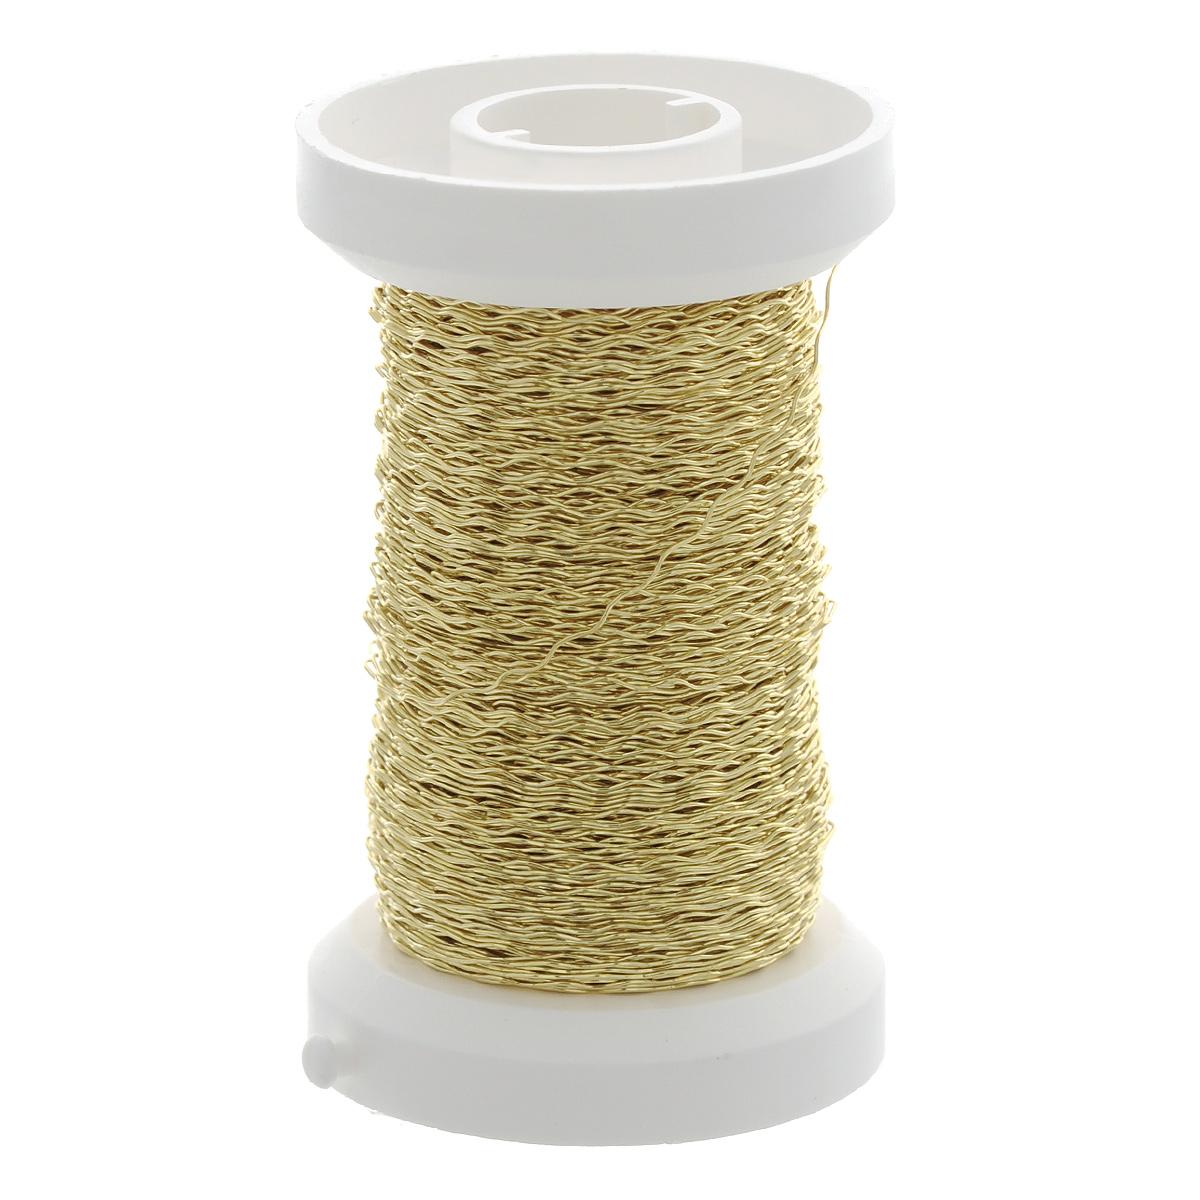 Проволока декоративная металлическая Hobby Time, цвет: золотой, 0,25 мм х 60 м318021Проволоку Glorex можно использовать для создания различных изделий бижутерии, для декора фотоальбомов, домашнего интерьера и других целей. Проволока - это очень распространенный и легкодоступный материал. Ее изготавливают из разных металлов и покрывают лаками разных цветов, благодаря чему она обладает прекрасными декоративными свойствами. Проволока является хорошим материалом для плетения, а для достижения эффектного украшения можно сочетать несколько цветов проволоки.